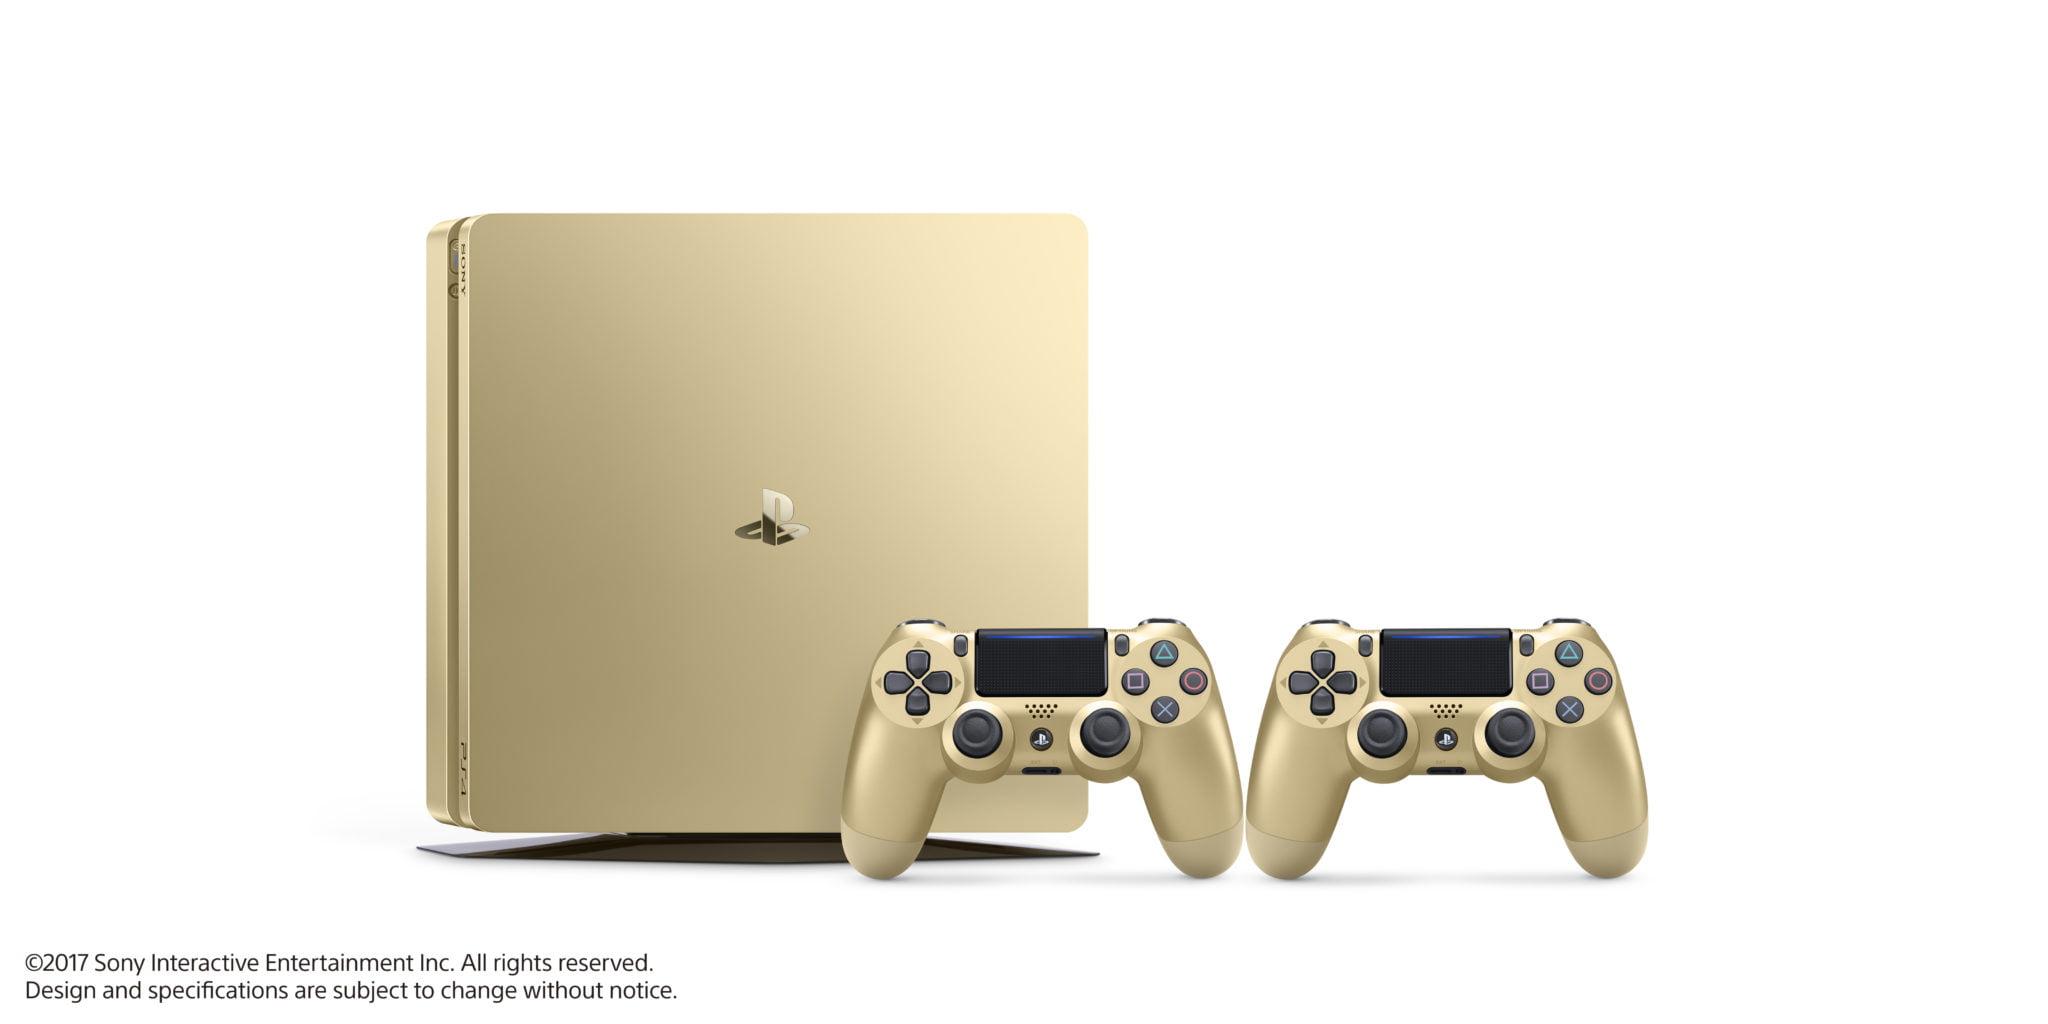 N'empêche, la PS4 couleur Or est plutôt sympa ^^ !